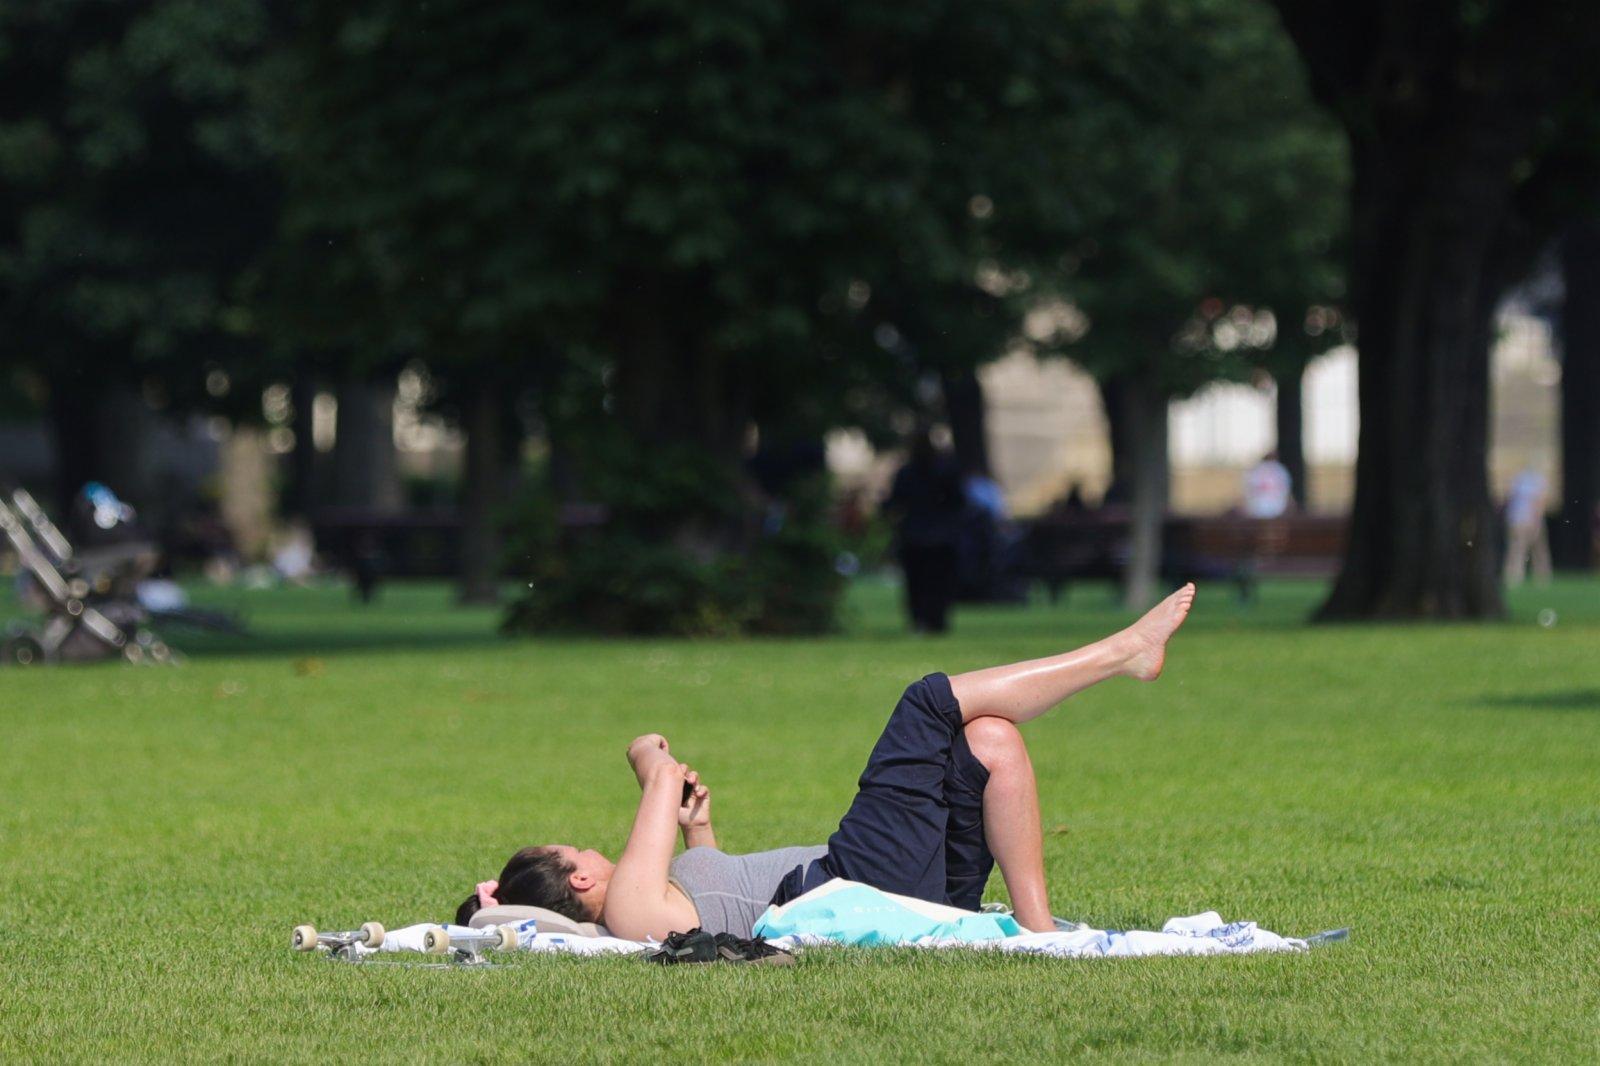 6月9日,一名女子在比利時布魯塞爾的公園休閒。(新華社)